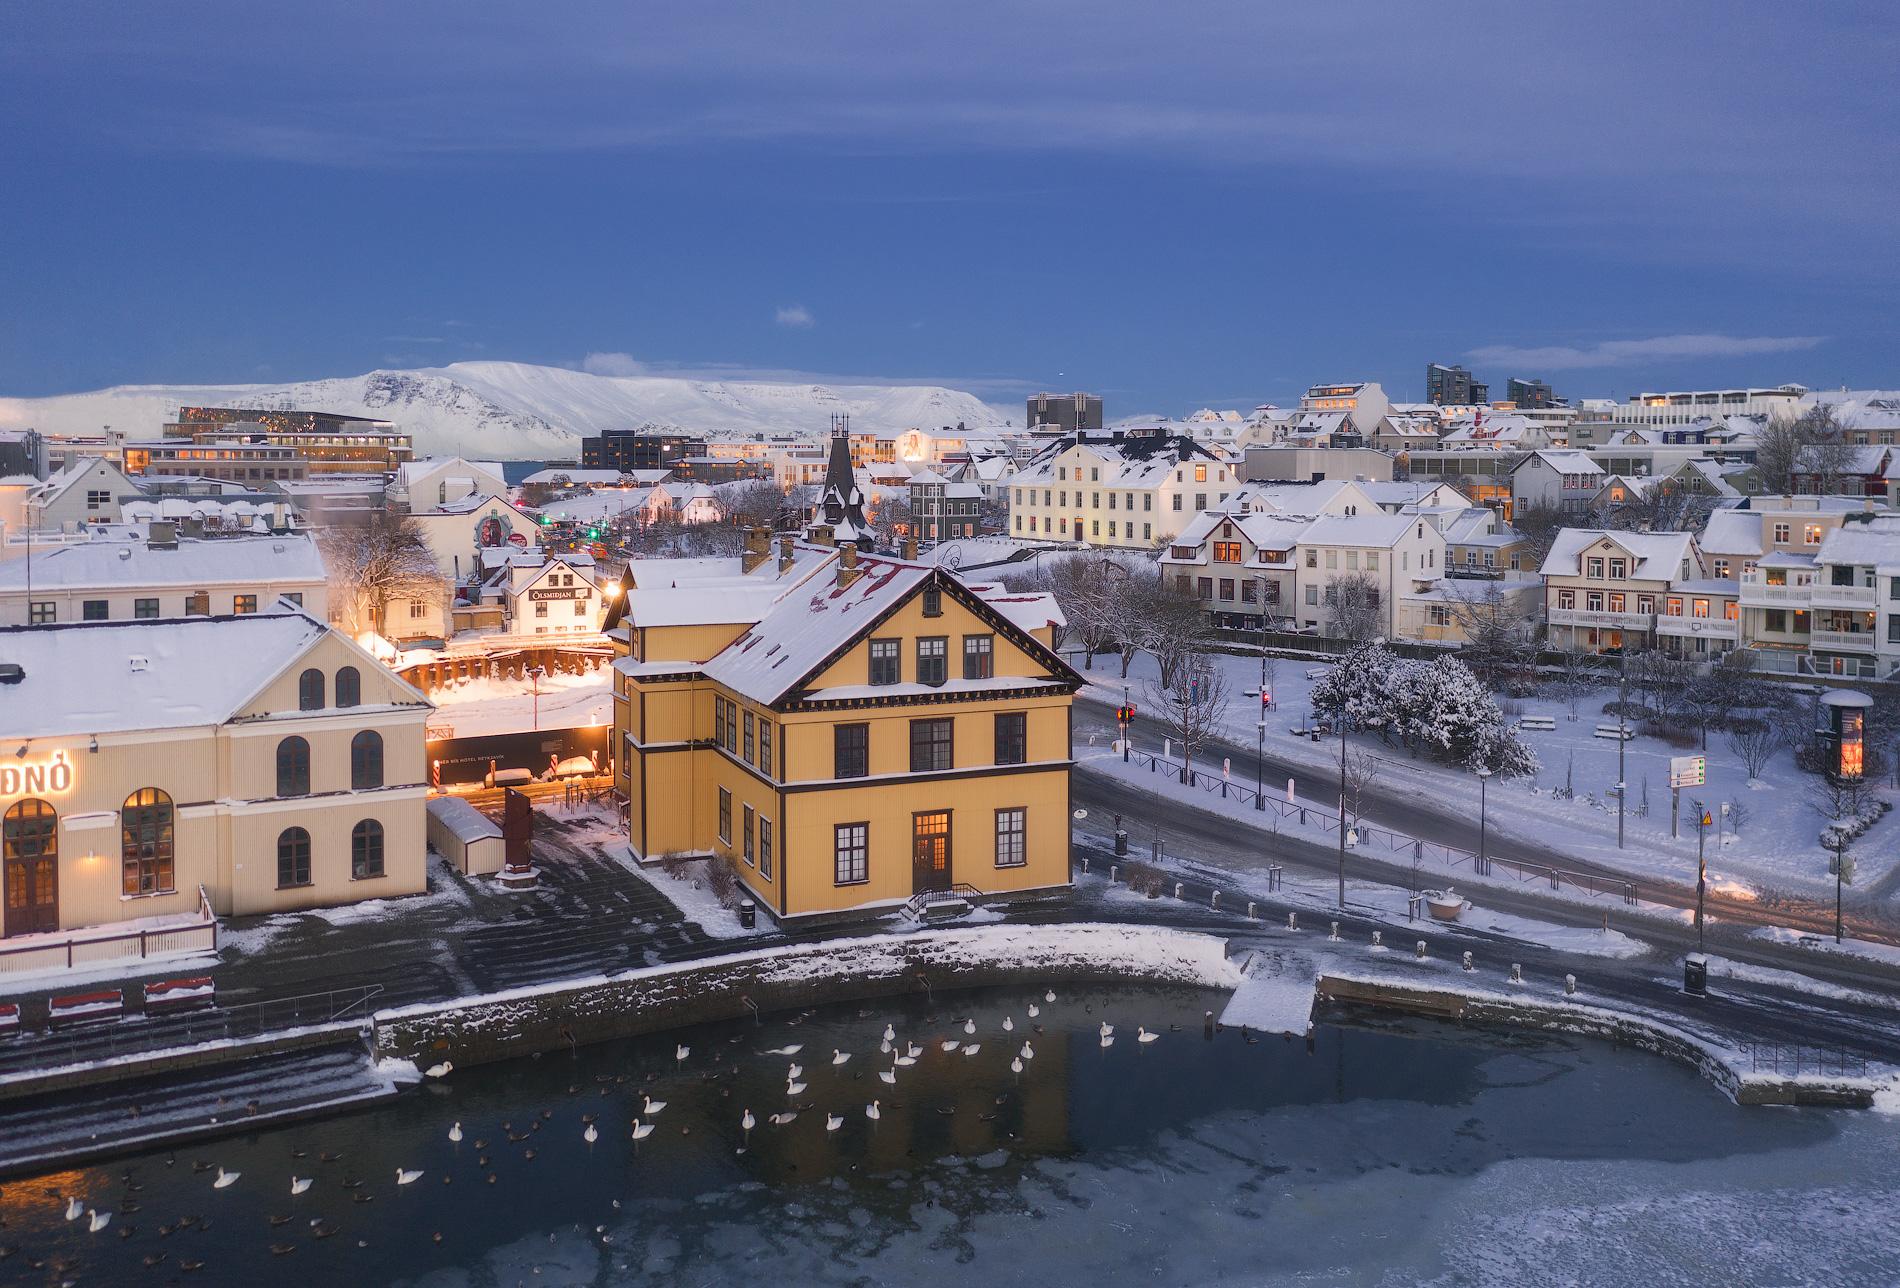 In inverno, il laghetto Tjörninn si congela completamente e ad alcuni abitanti piace andare a pattinarci.